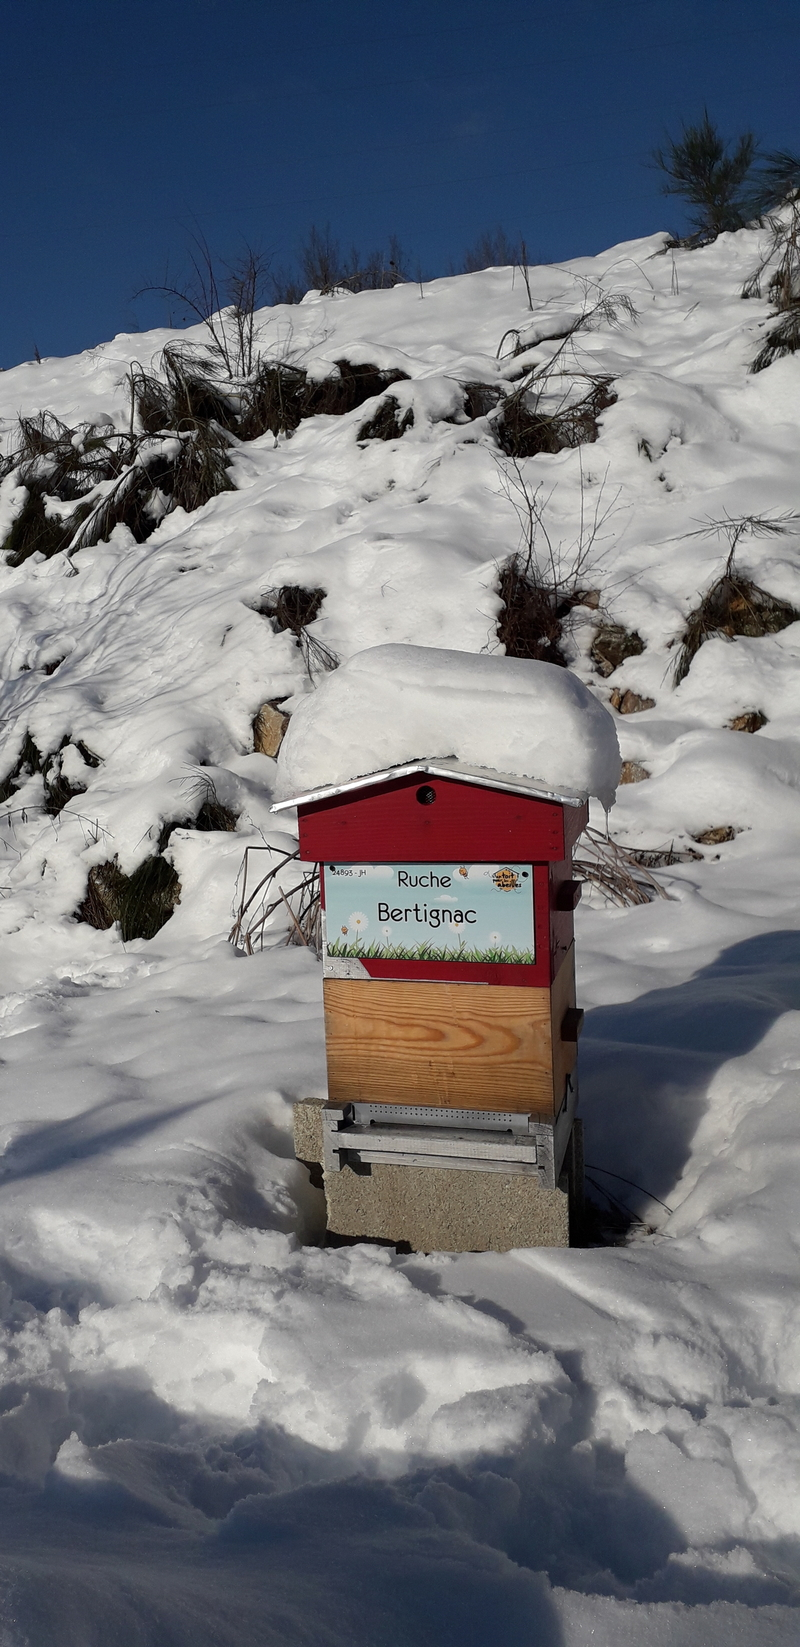 La ruche Bertignac